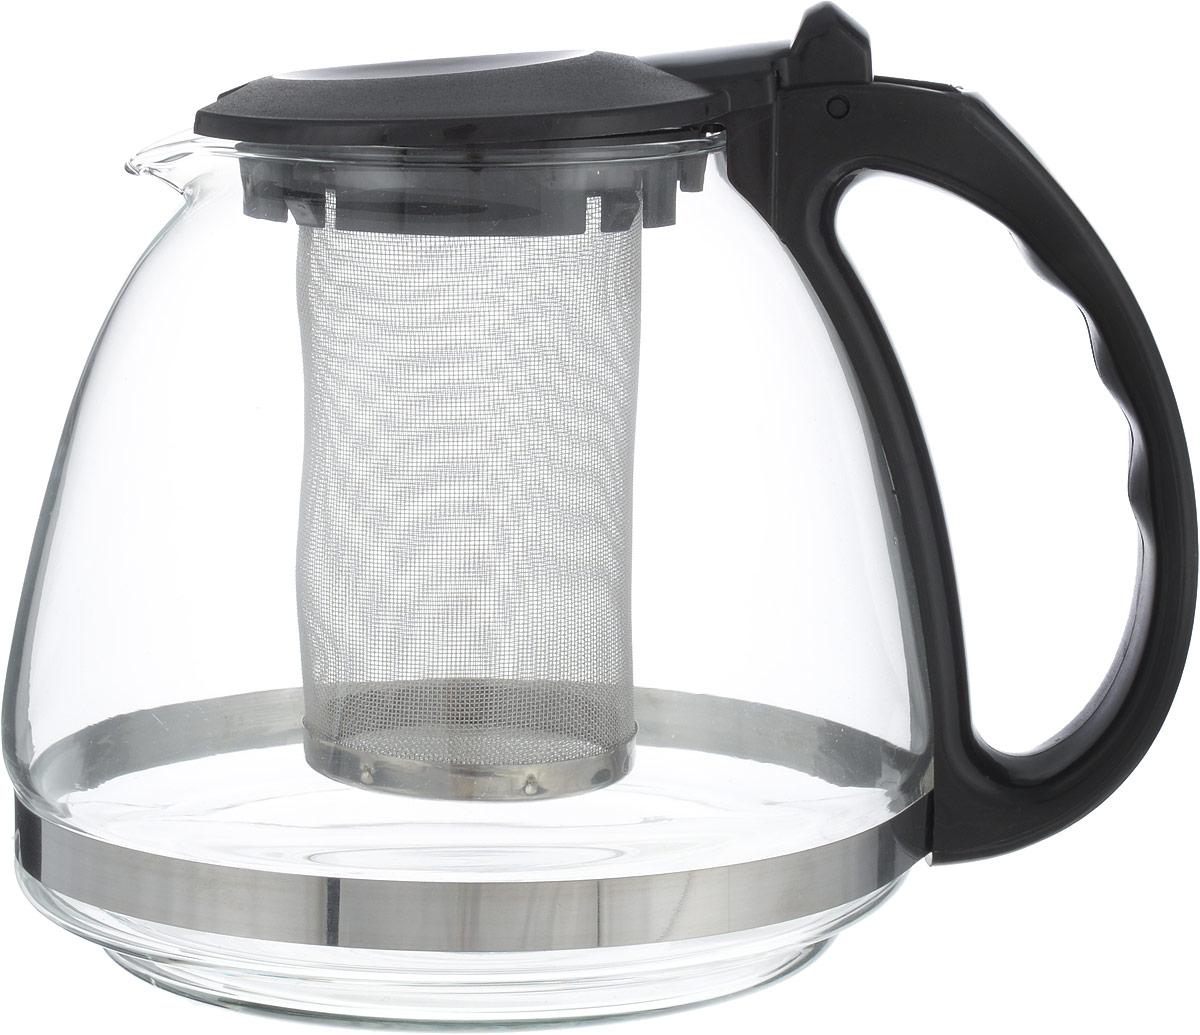 Чайник заварочный Irit, цвет: черный, 1,3 лKTZ-13-001Чайник заварочный изготовлен из термостойкого не нагревающегося пластика и ударостойкого жаропрочного стекла. Съемный фильтр-ситечко из высококачественной хромо-никелевой нержавеющей стали с мелкими ячейками для чая разных сортов и разной степени измельчения рассчитан на оптимальное количество заварки при разных объемах чайников. Аккуратный птичий носик, из которого чай течет непосредственно в чашку, а не по выпуклому брюшку чайника.Устойчивое основание. Небольшой вес.